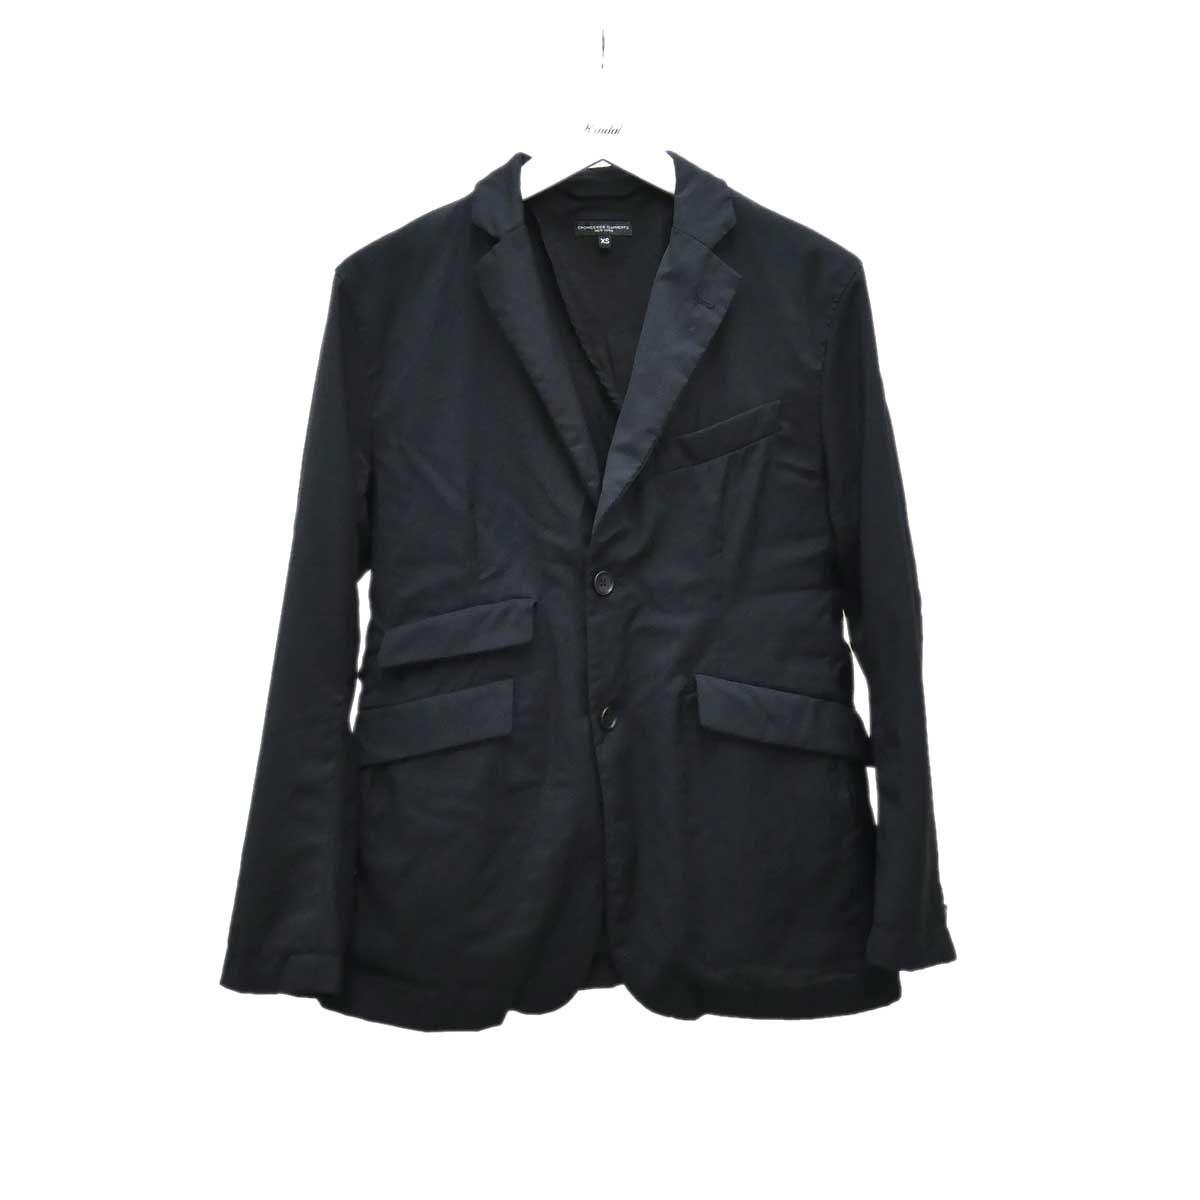 【中古】Engineered Garments アンドーバージャケット ネイビー サイズ:XS 【030720】(エンジニアードガーメンツ)